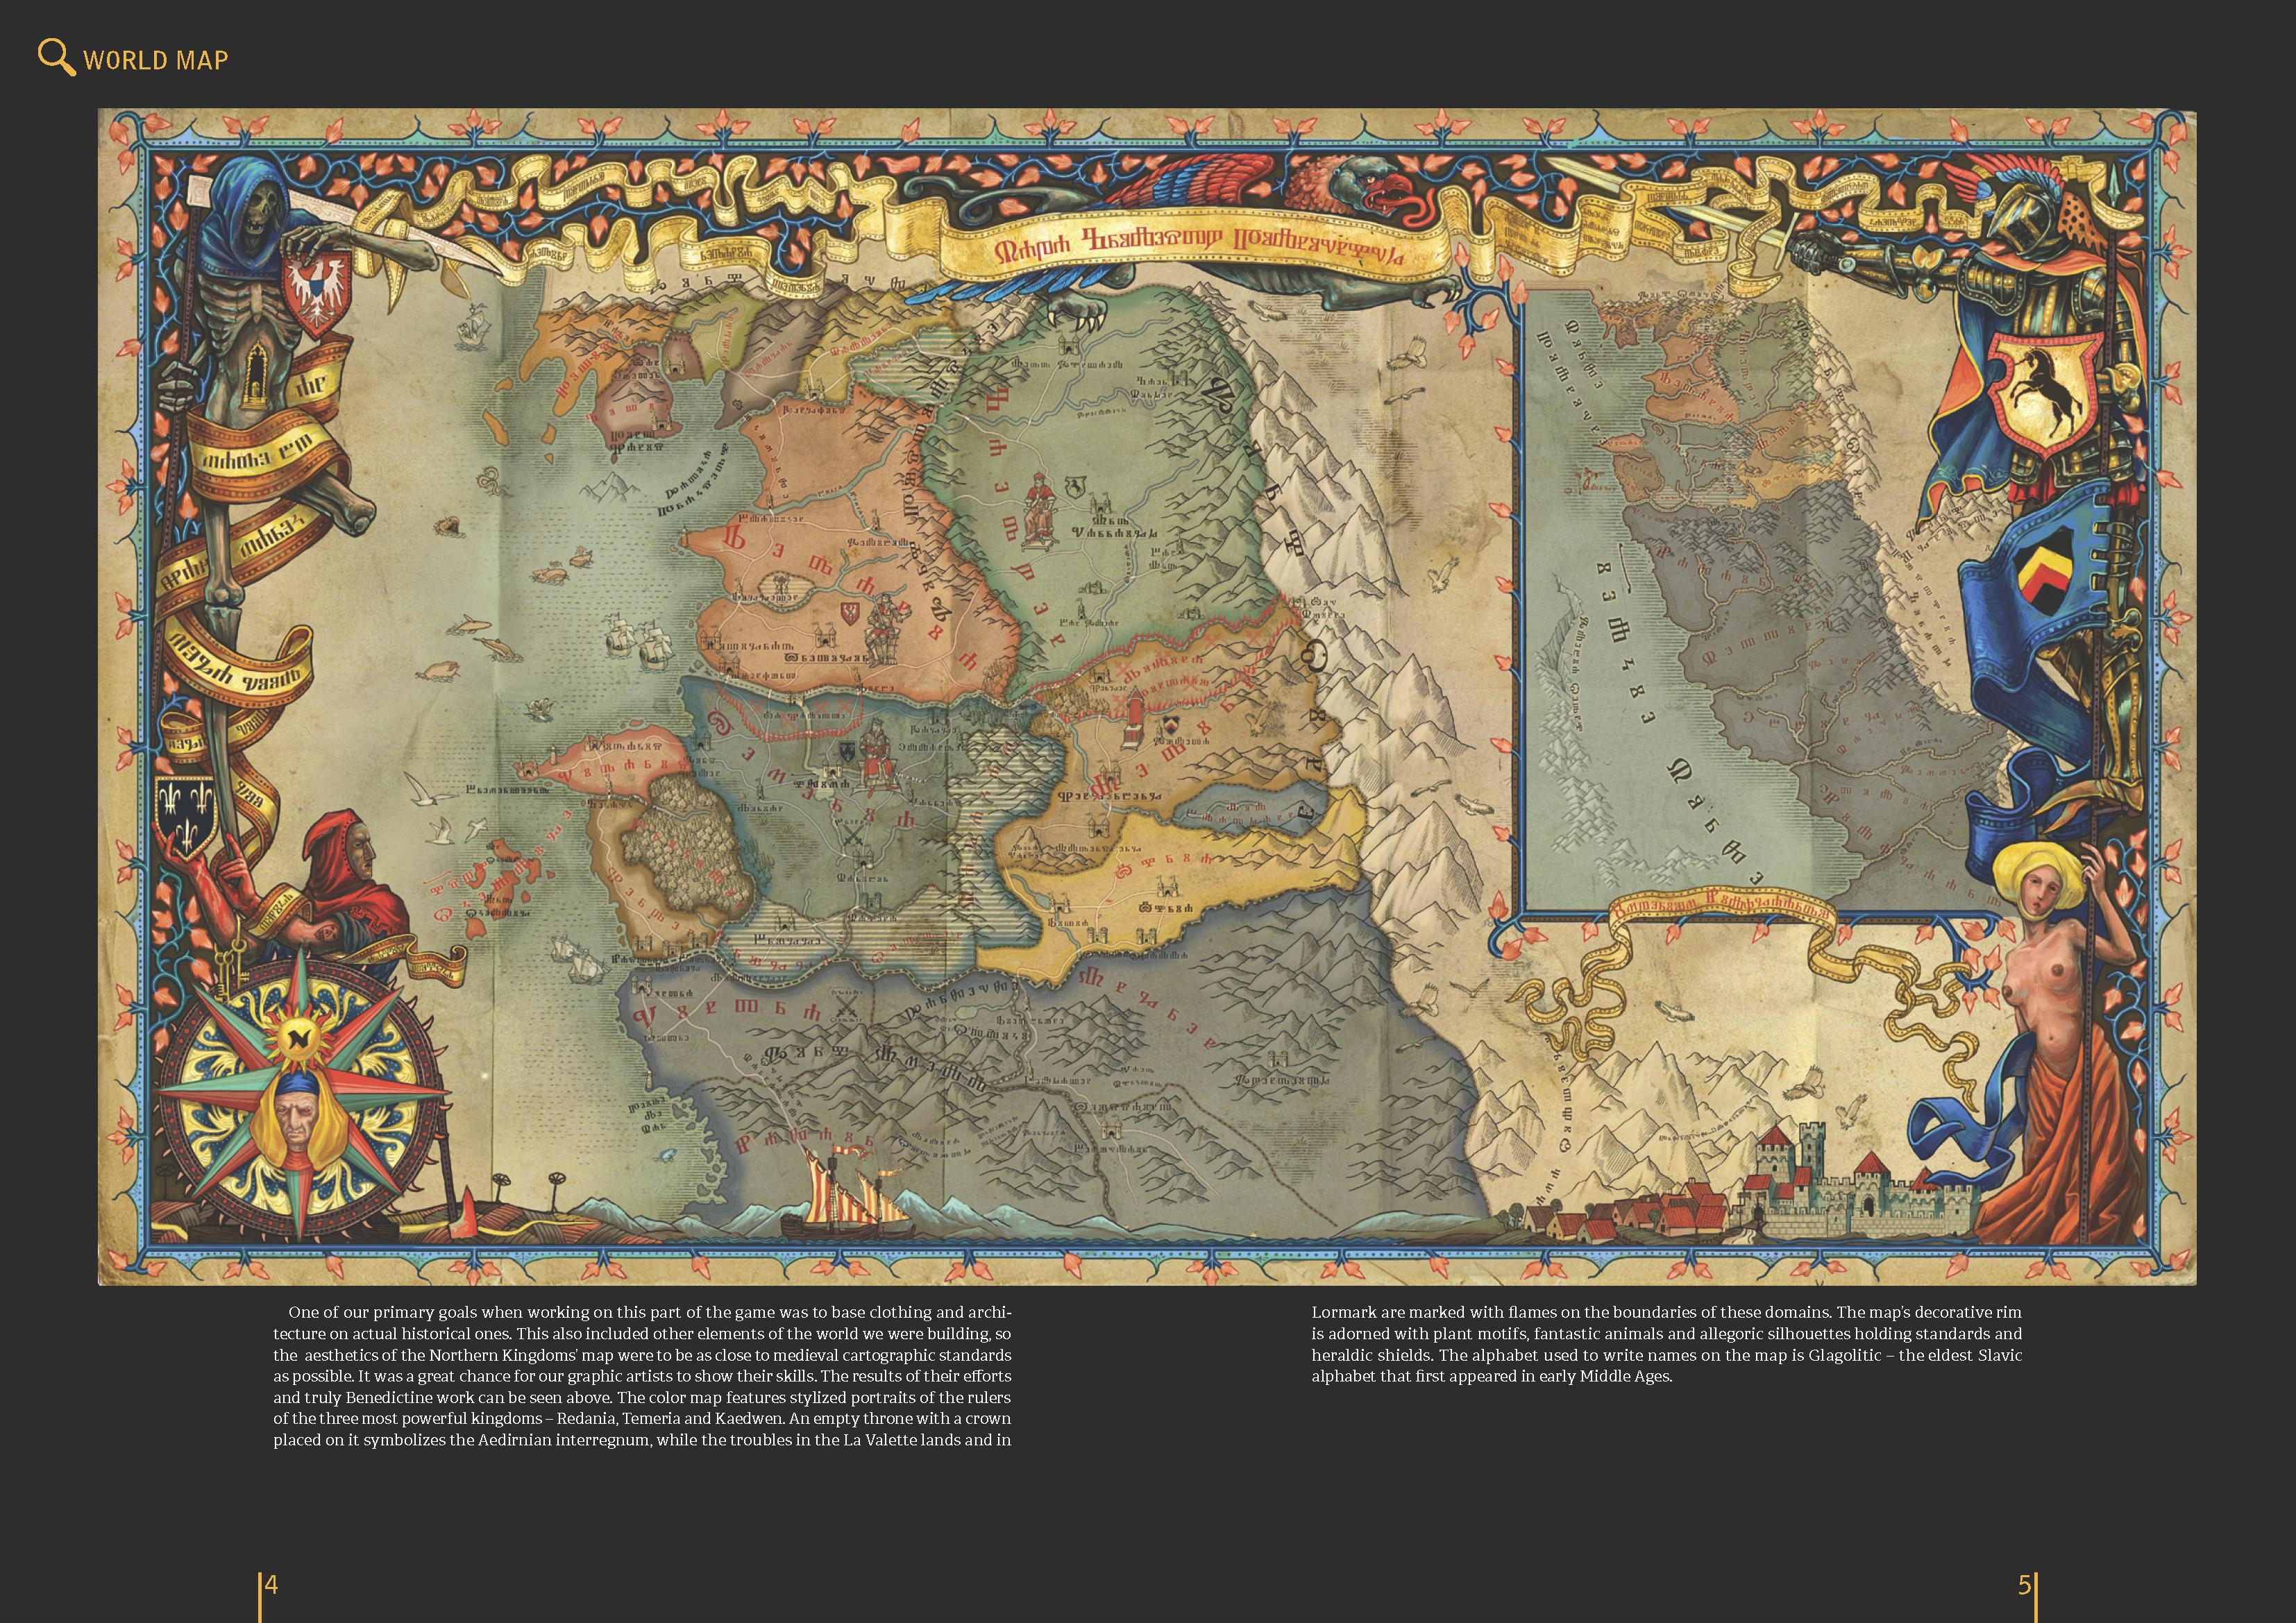 Witcher 2 | World Map Art (Video Game) | Pinterest | Map art